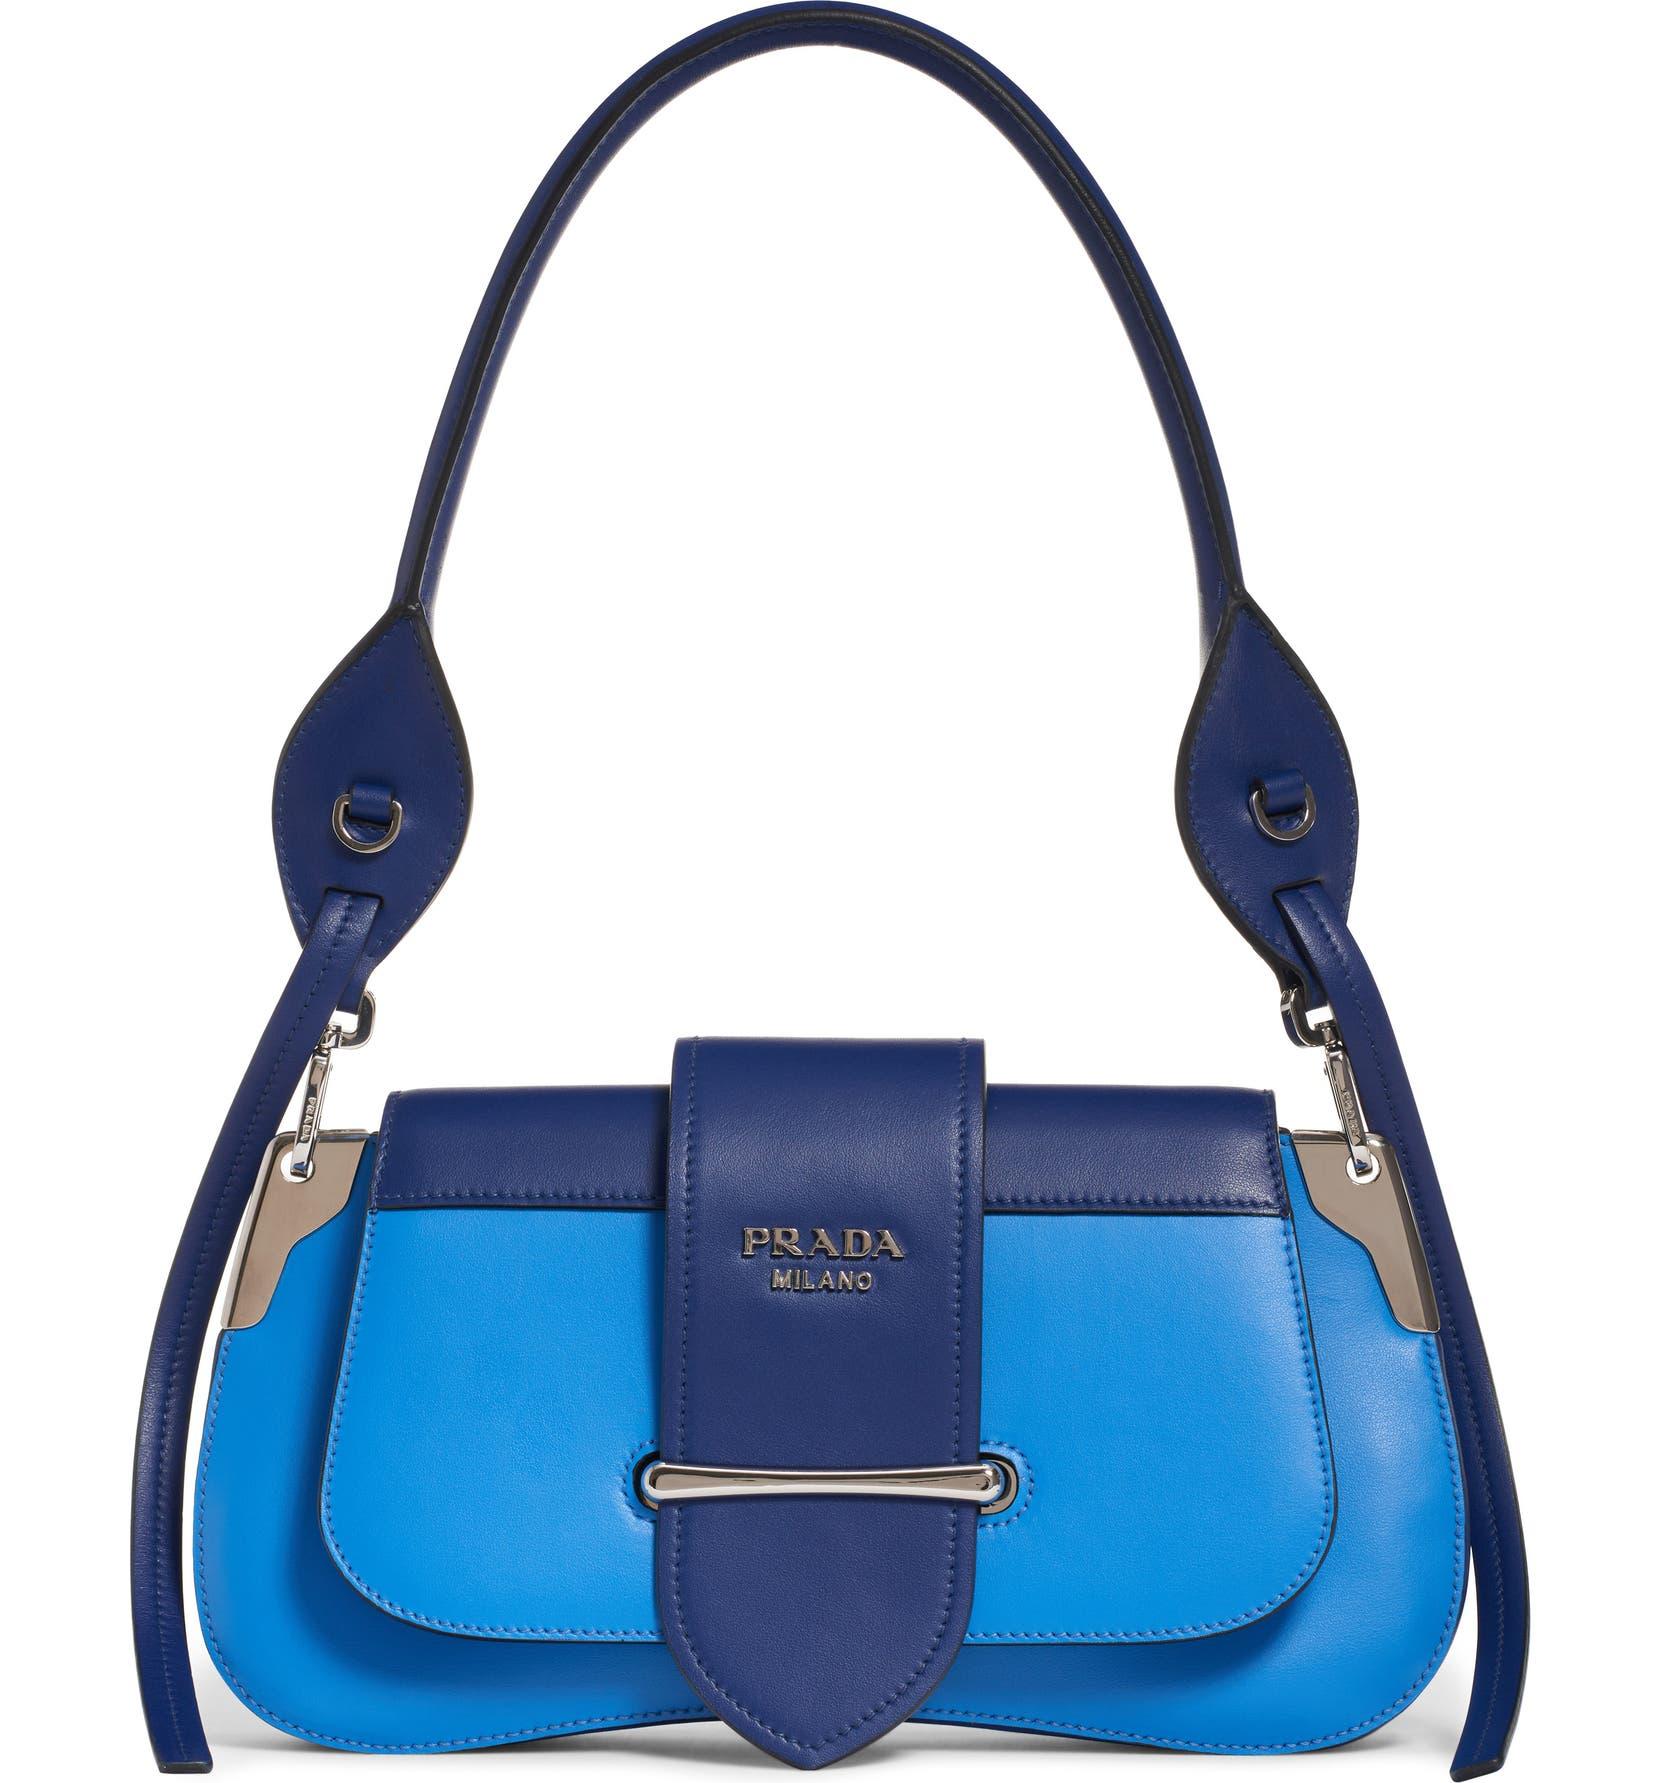 aeb673645790 Prada Sidonie Shoulder Bag